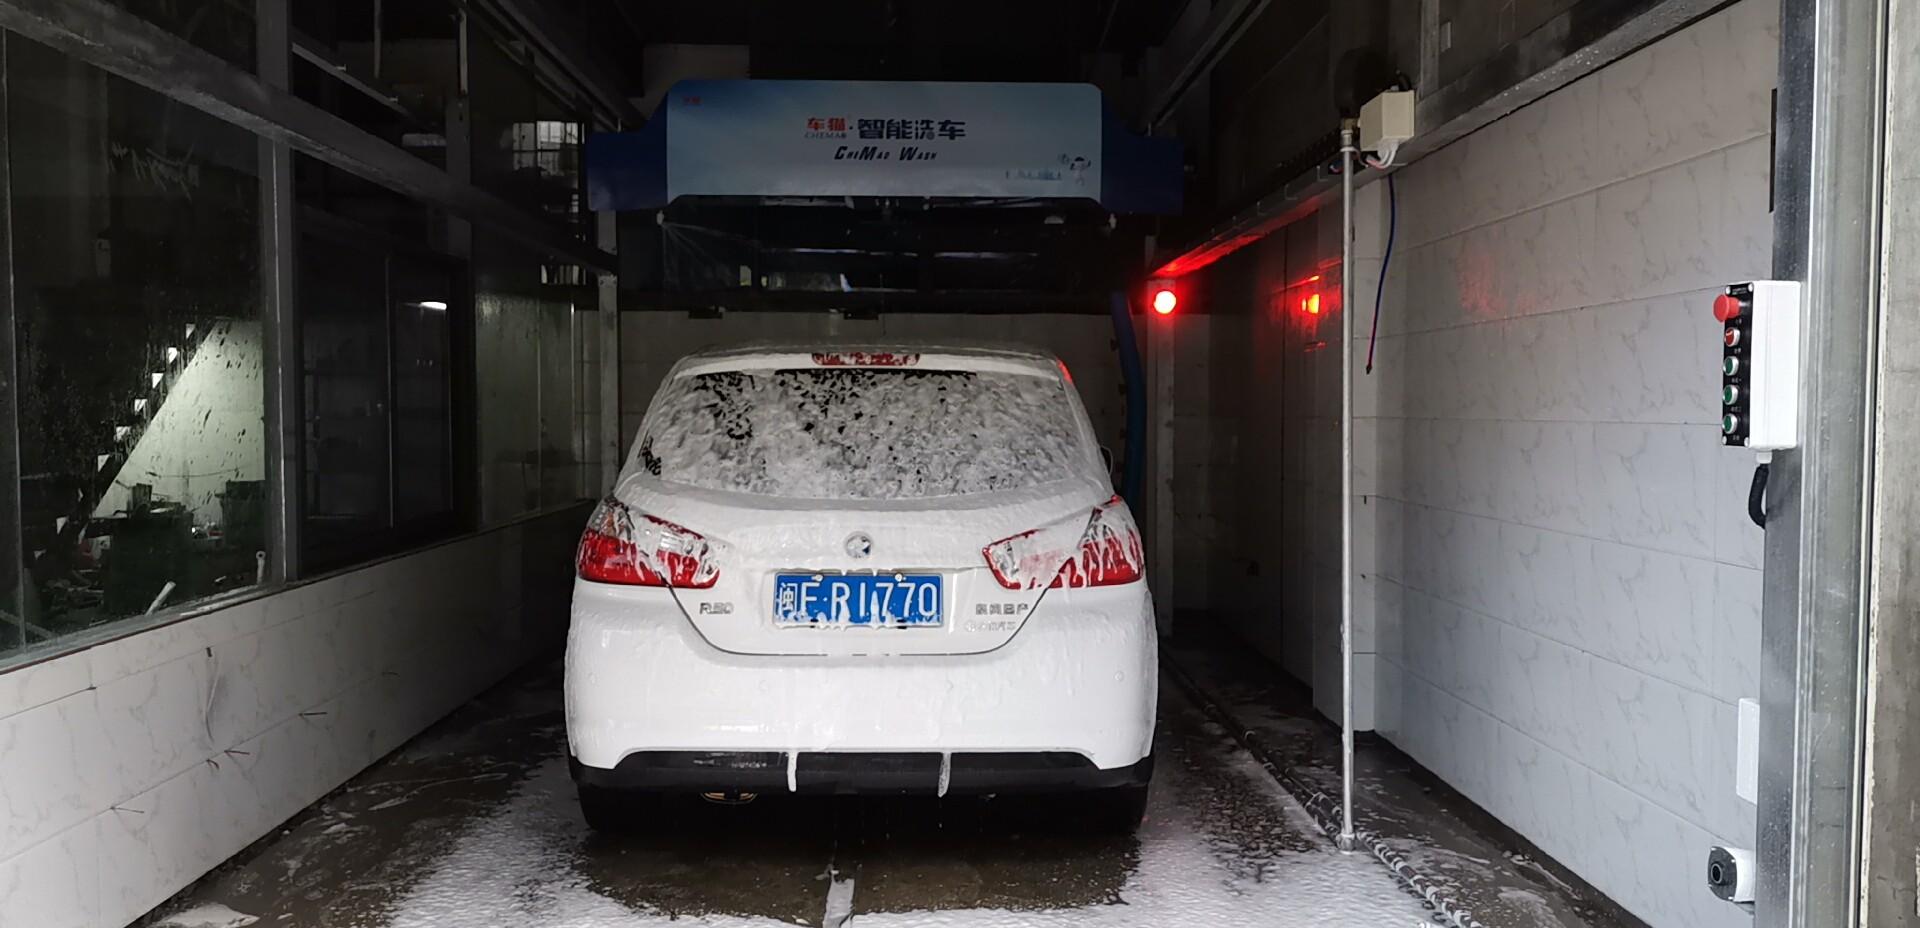 浙江车猫吉旋风S7系列洗车机_厂家_价格